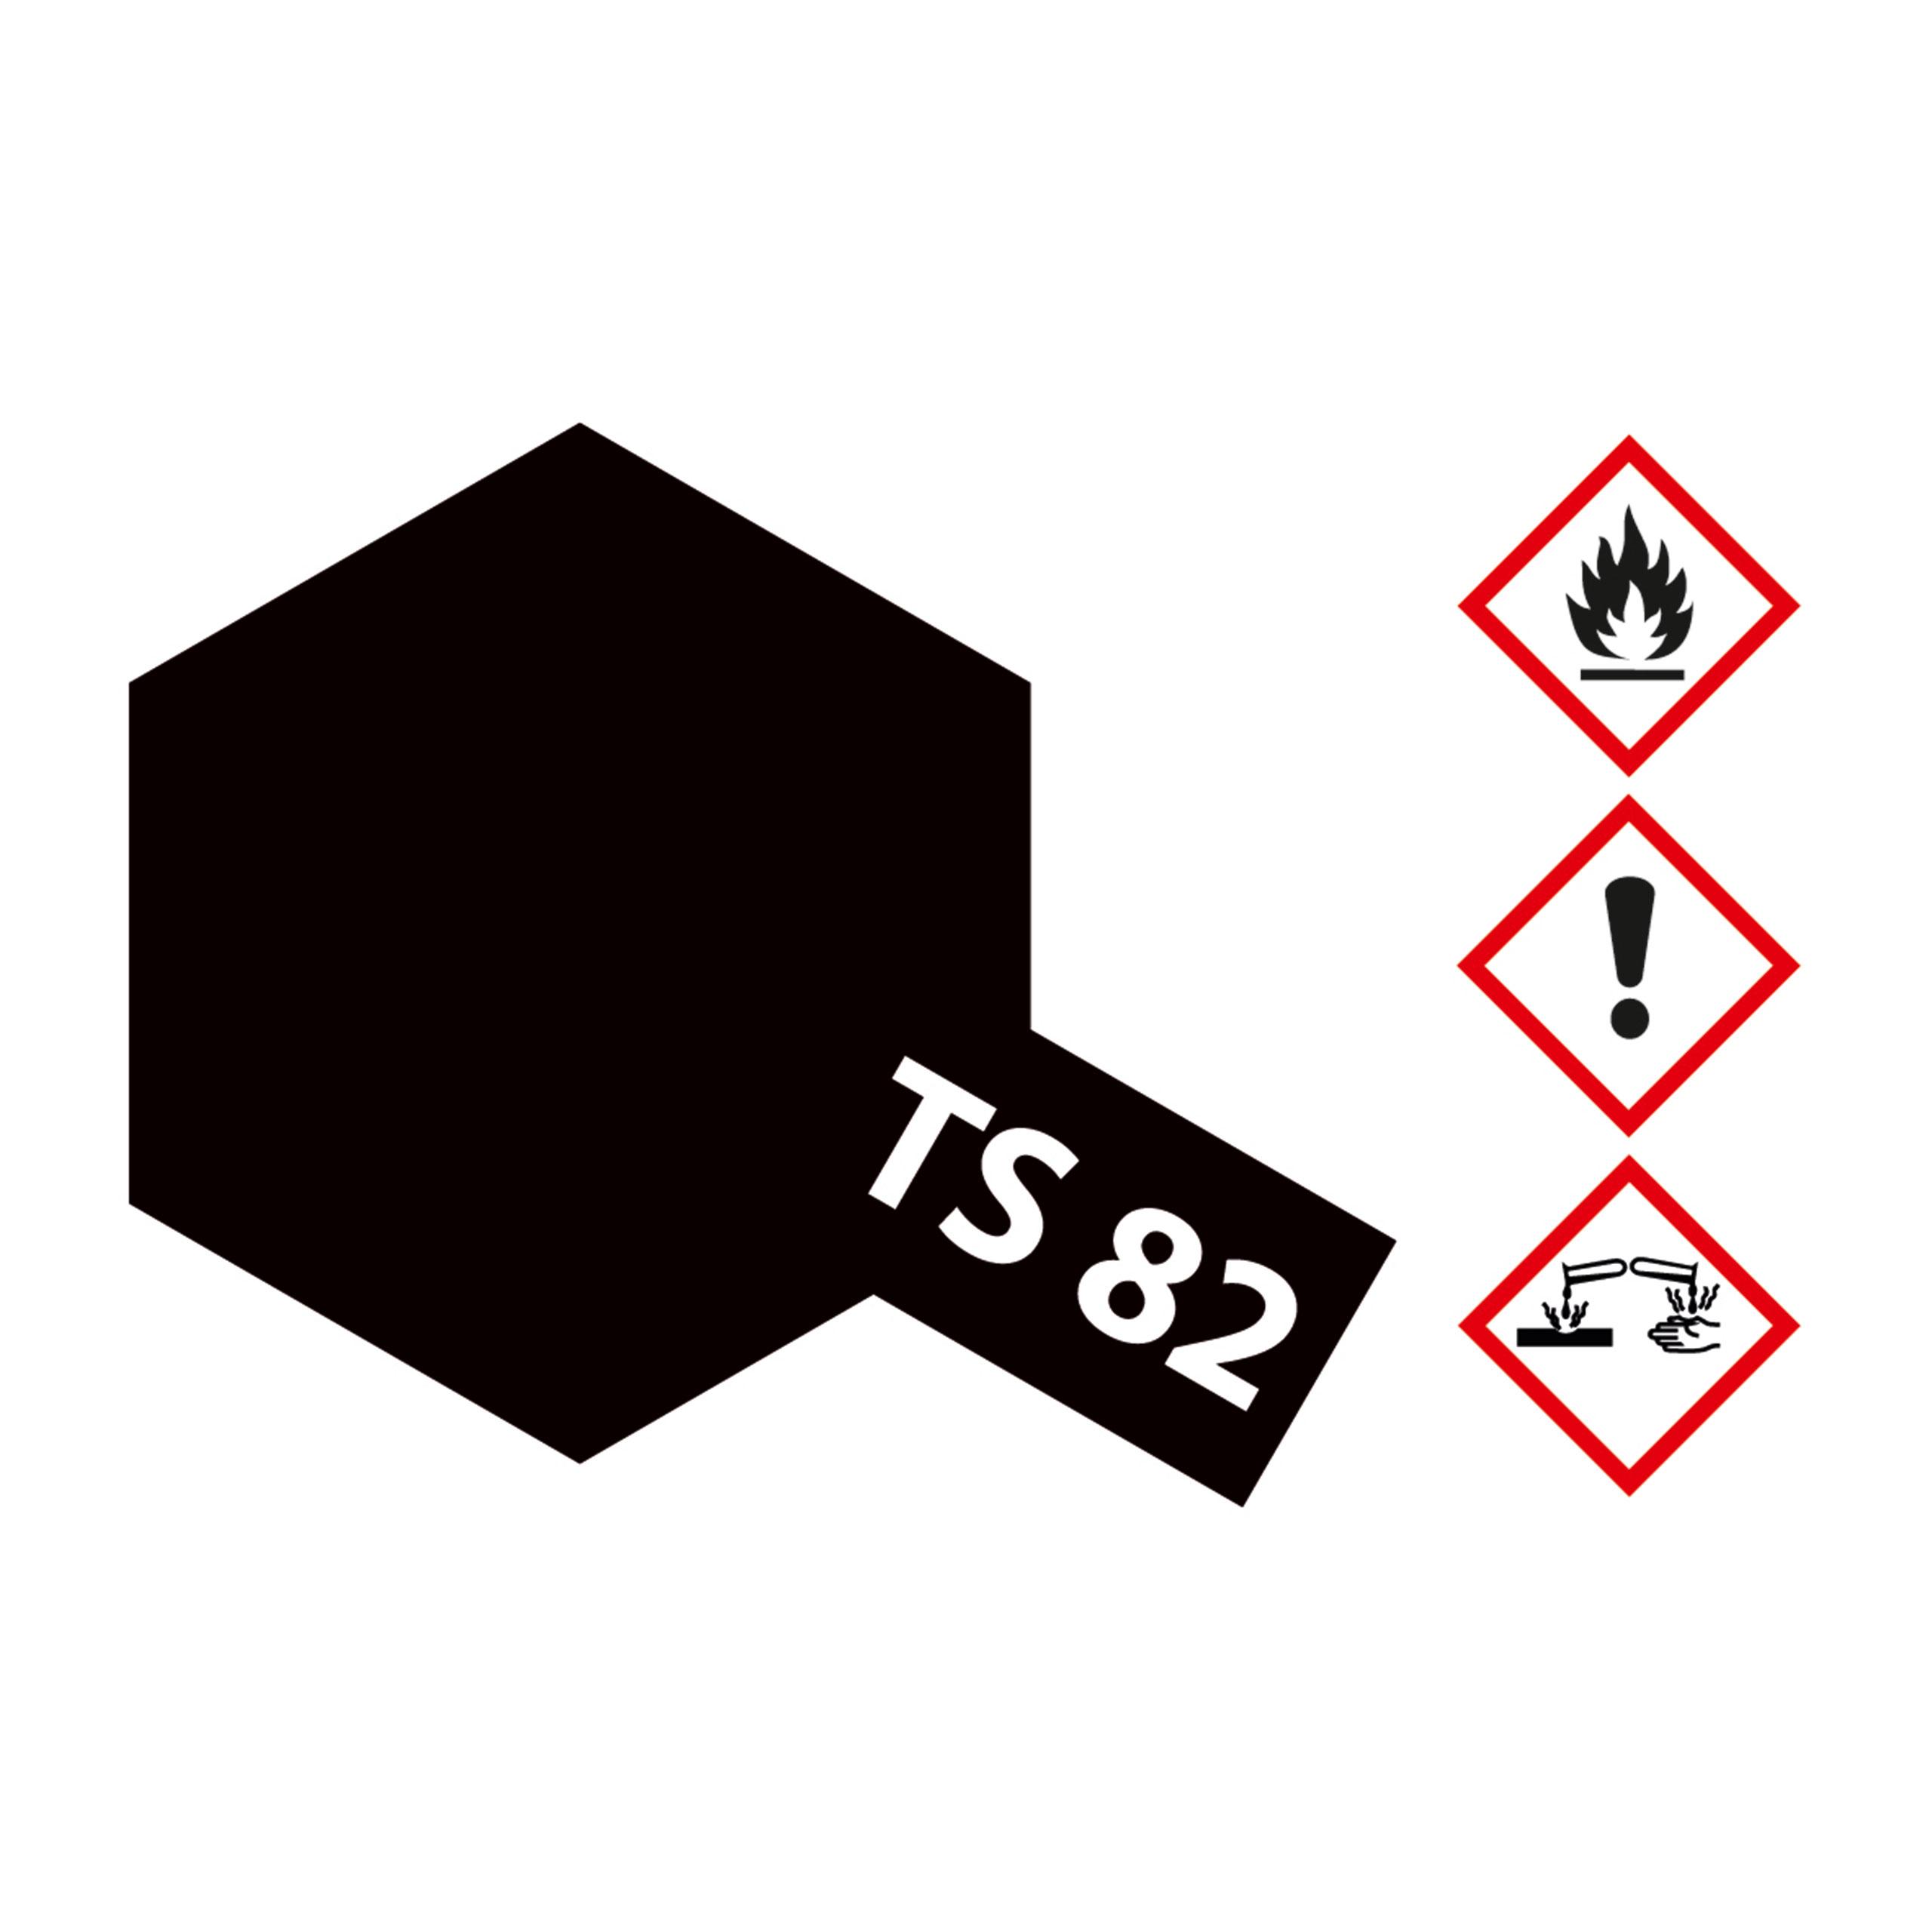 TS-82 Gummi-Schwarz matt - 100ml Sprayfarbe Kunstharz Tamiya 300085082